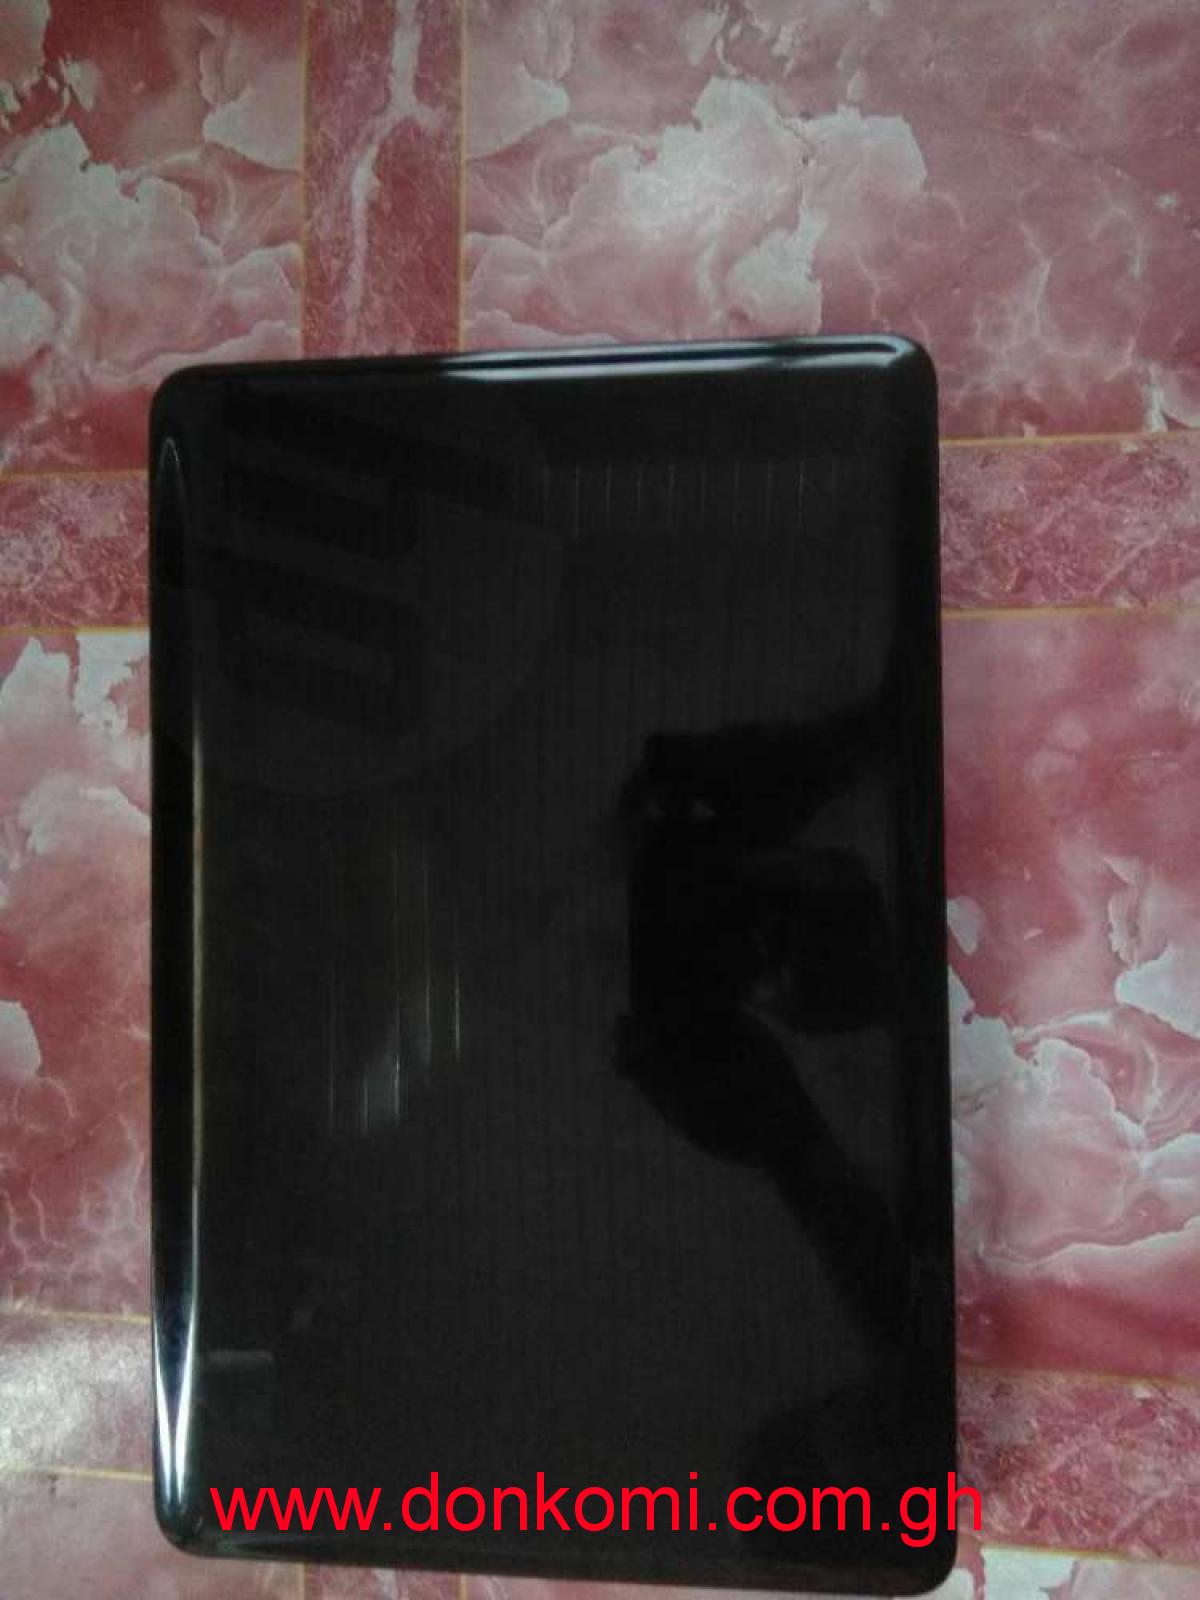 New 5th gen HP 2000 AMD E1 dual core 500gb HDD 4gb ram ATI gaming